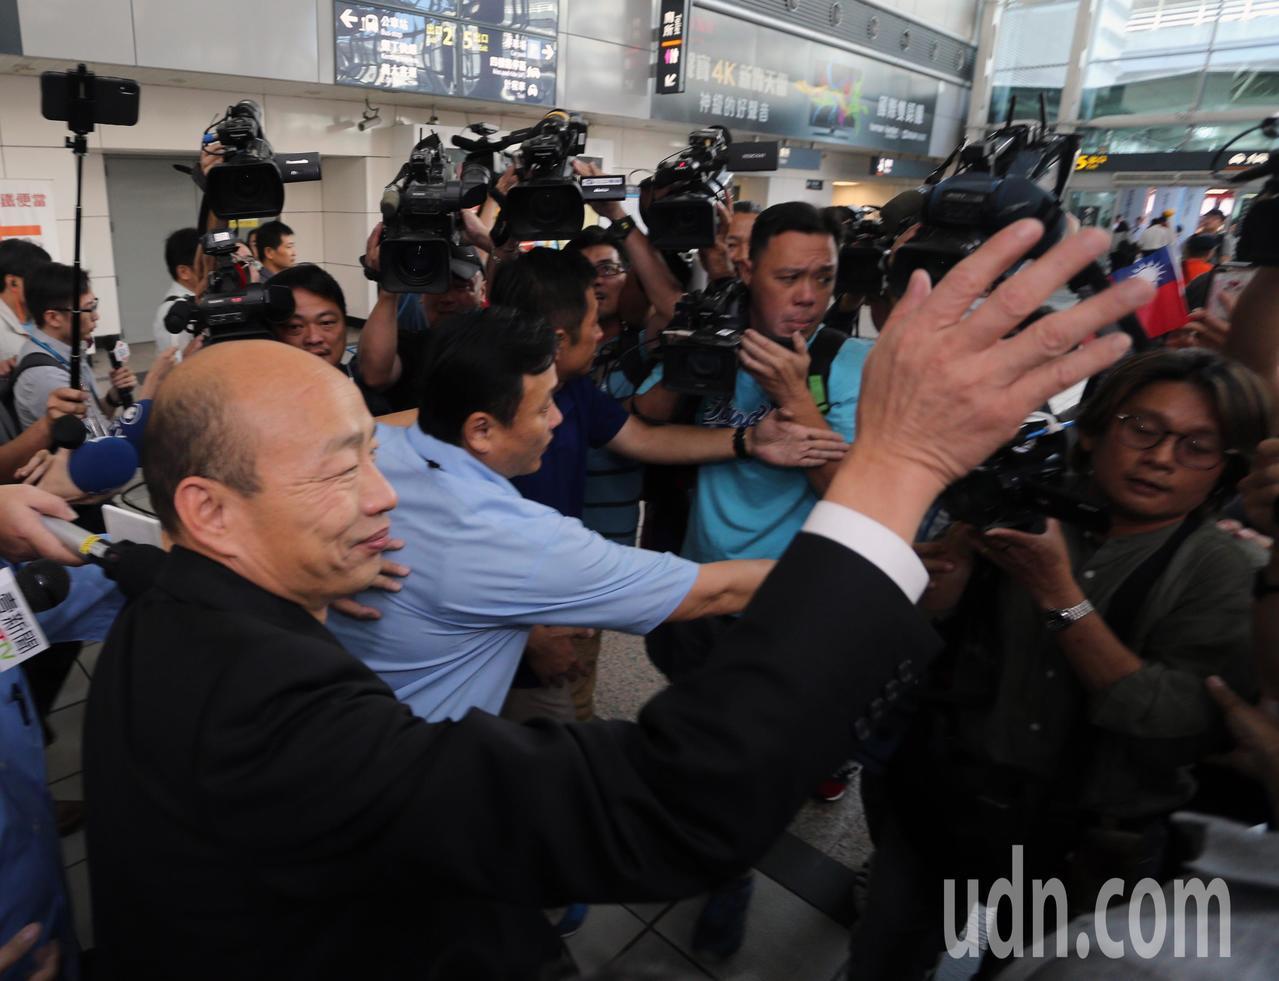 高雄市長韓國瑜今天上午從美國返國後,立即搭高鐵回高雄市府上班,韓國瑜向民眾揮手致...